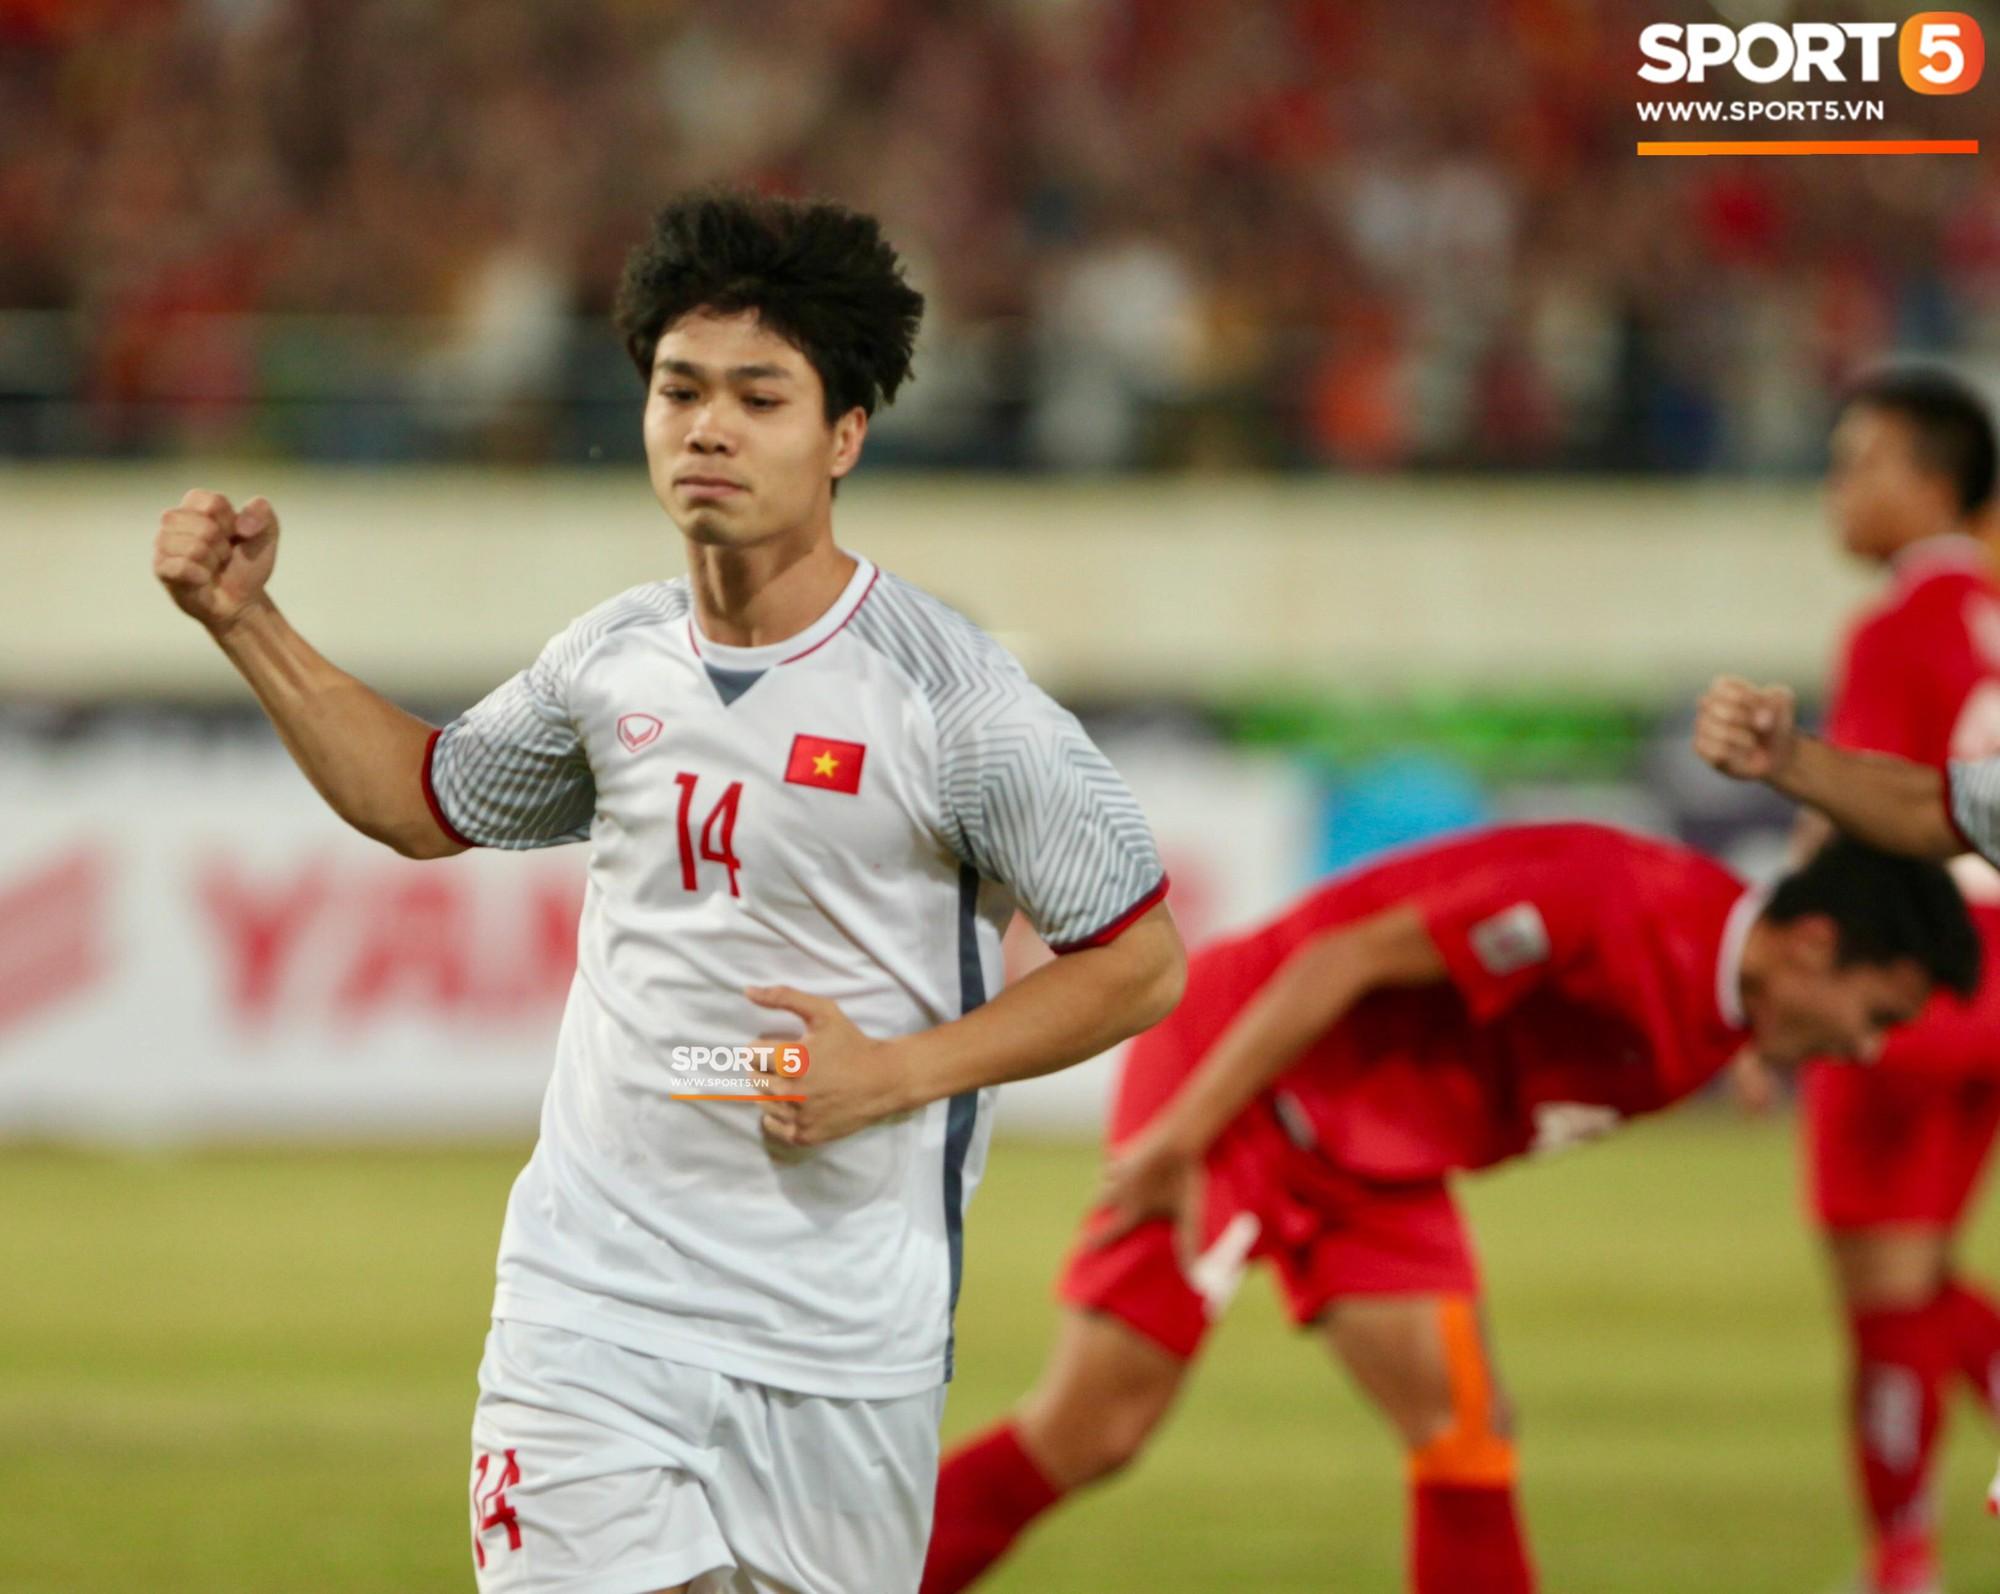 Cậu út của tuyển Việt Nam muốn tái hiện bàn tay của chúa trong trận mở màn AFF Cup 2018 - Ảnh 6.